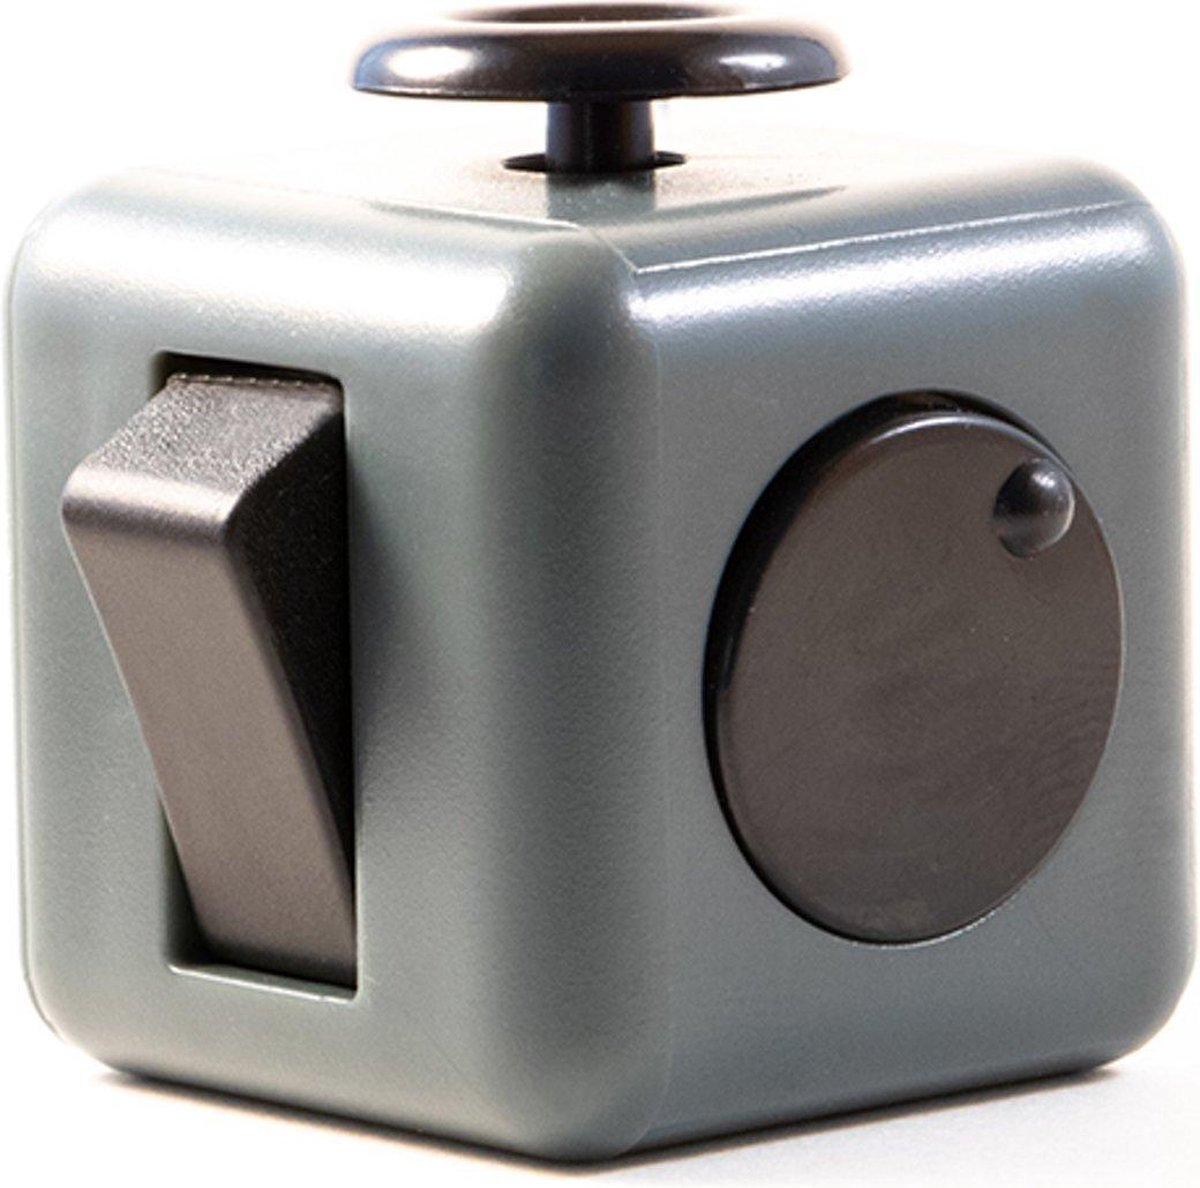 Fidget Cube Friemelkubus - Anti Stress Cube - Speelgoed Tegen Stress - Meer Focus & Concentratie - Fidget - Donkergrijs